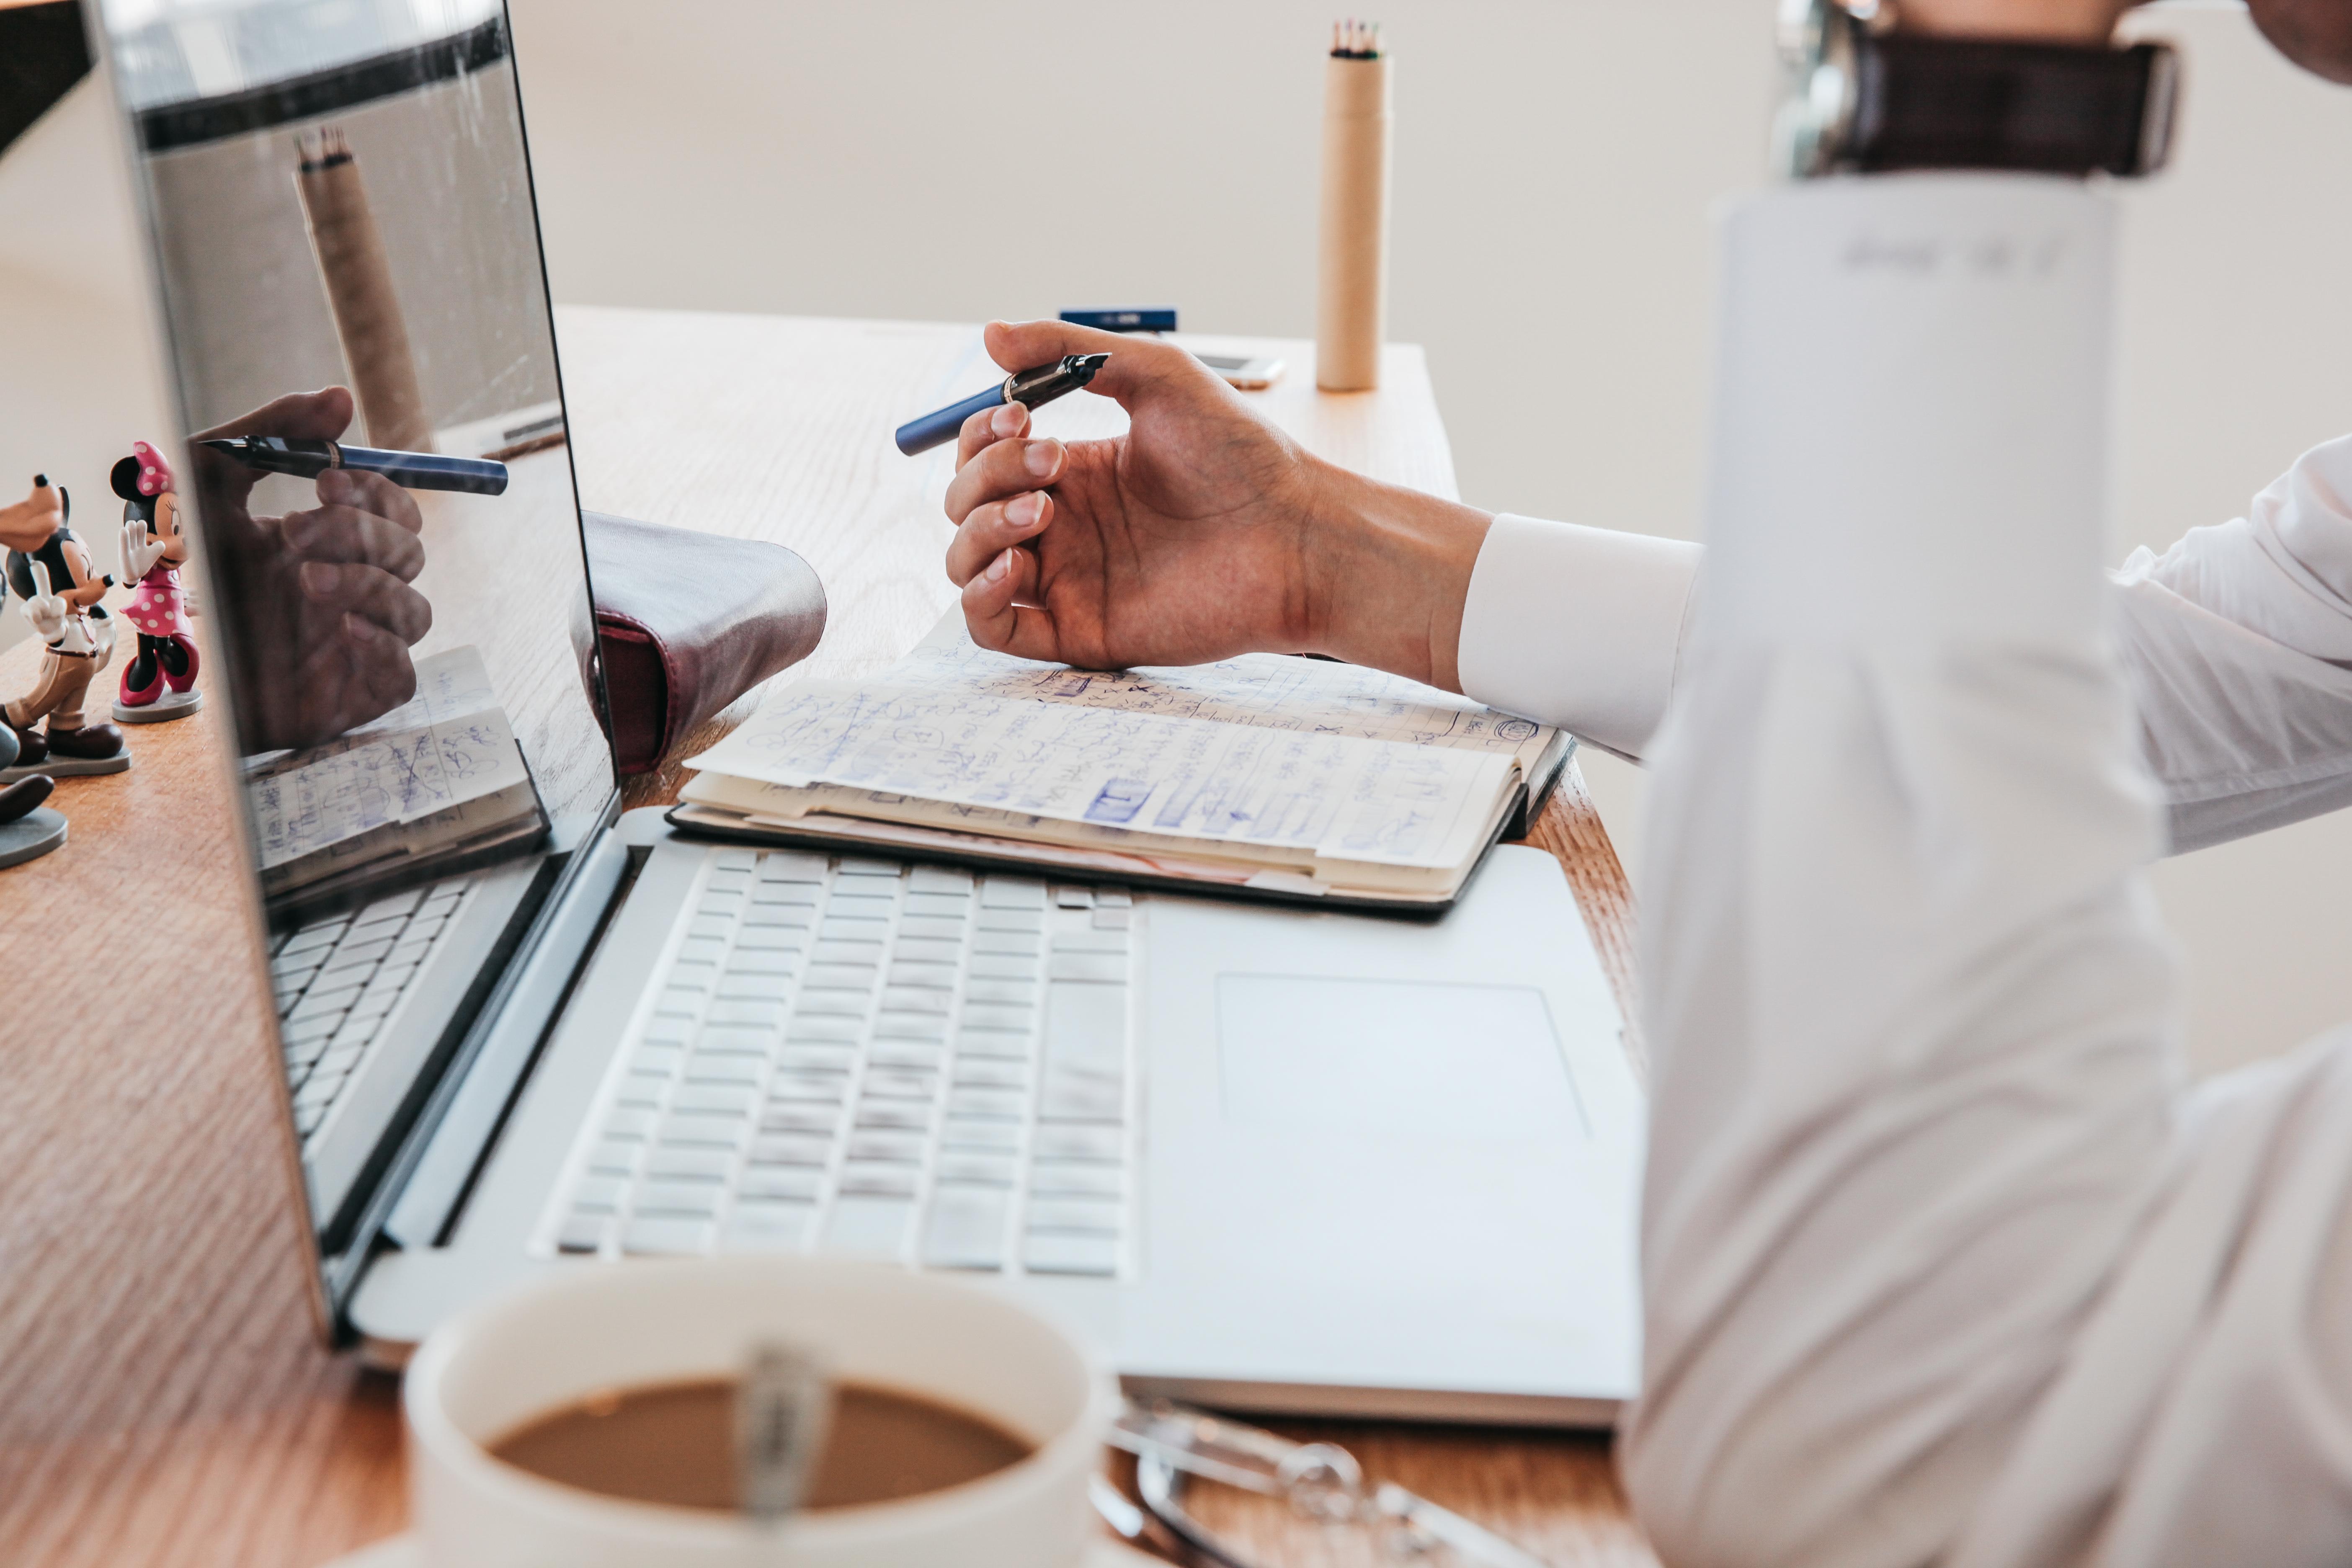 Vil du gerne lære, hvordan du, gør det, kan du læse blogindlægget: 9 trin til at fokusere og gennemføre dine planer Vil du rigtig gerne væk fra at være timeslave, men synes du at det er en svær opgave at komme i gang med alene, så kunne VIP-dagen: Skab et kerneprodukt, der gør en massiv forskel i din kundes liv. Du kan læse meget mere om den her: VIP-dag